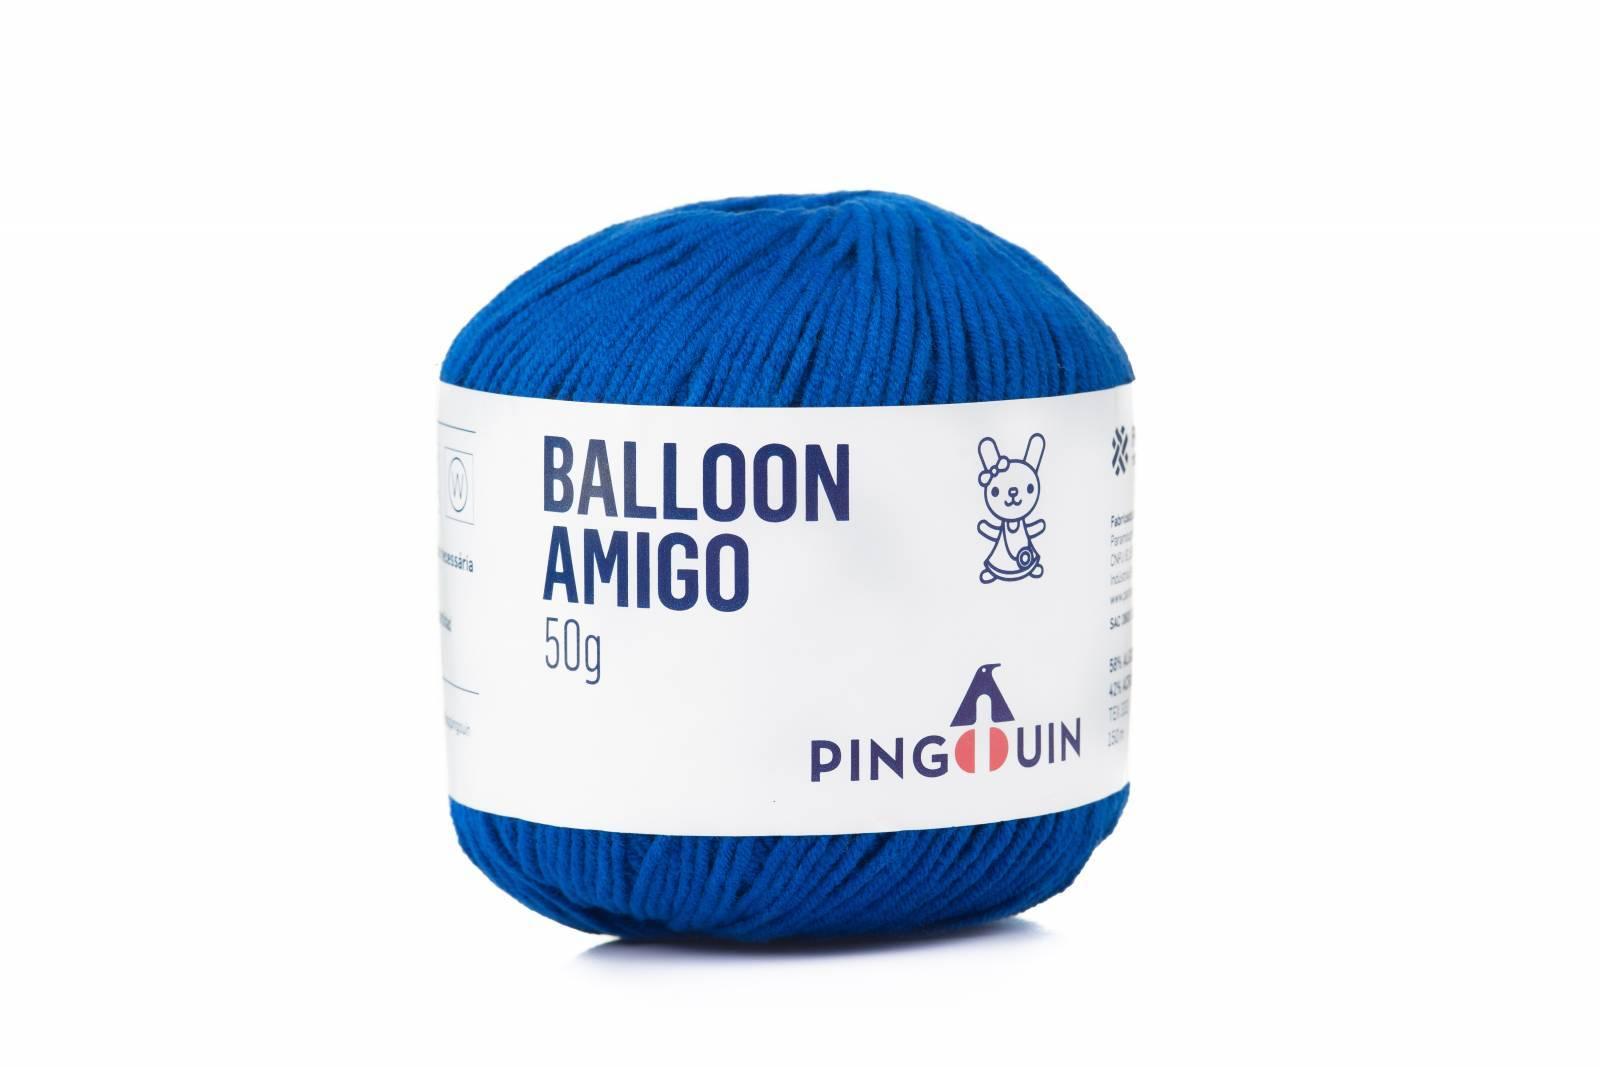 Balloon amigo 512 Royal - BAÚ DA VOVÓ